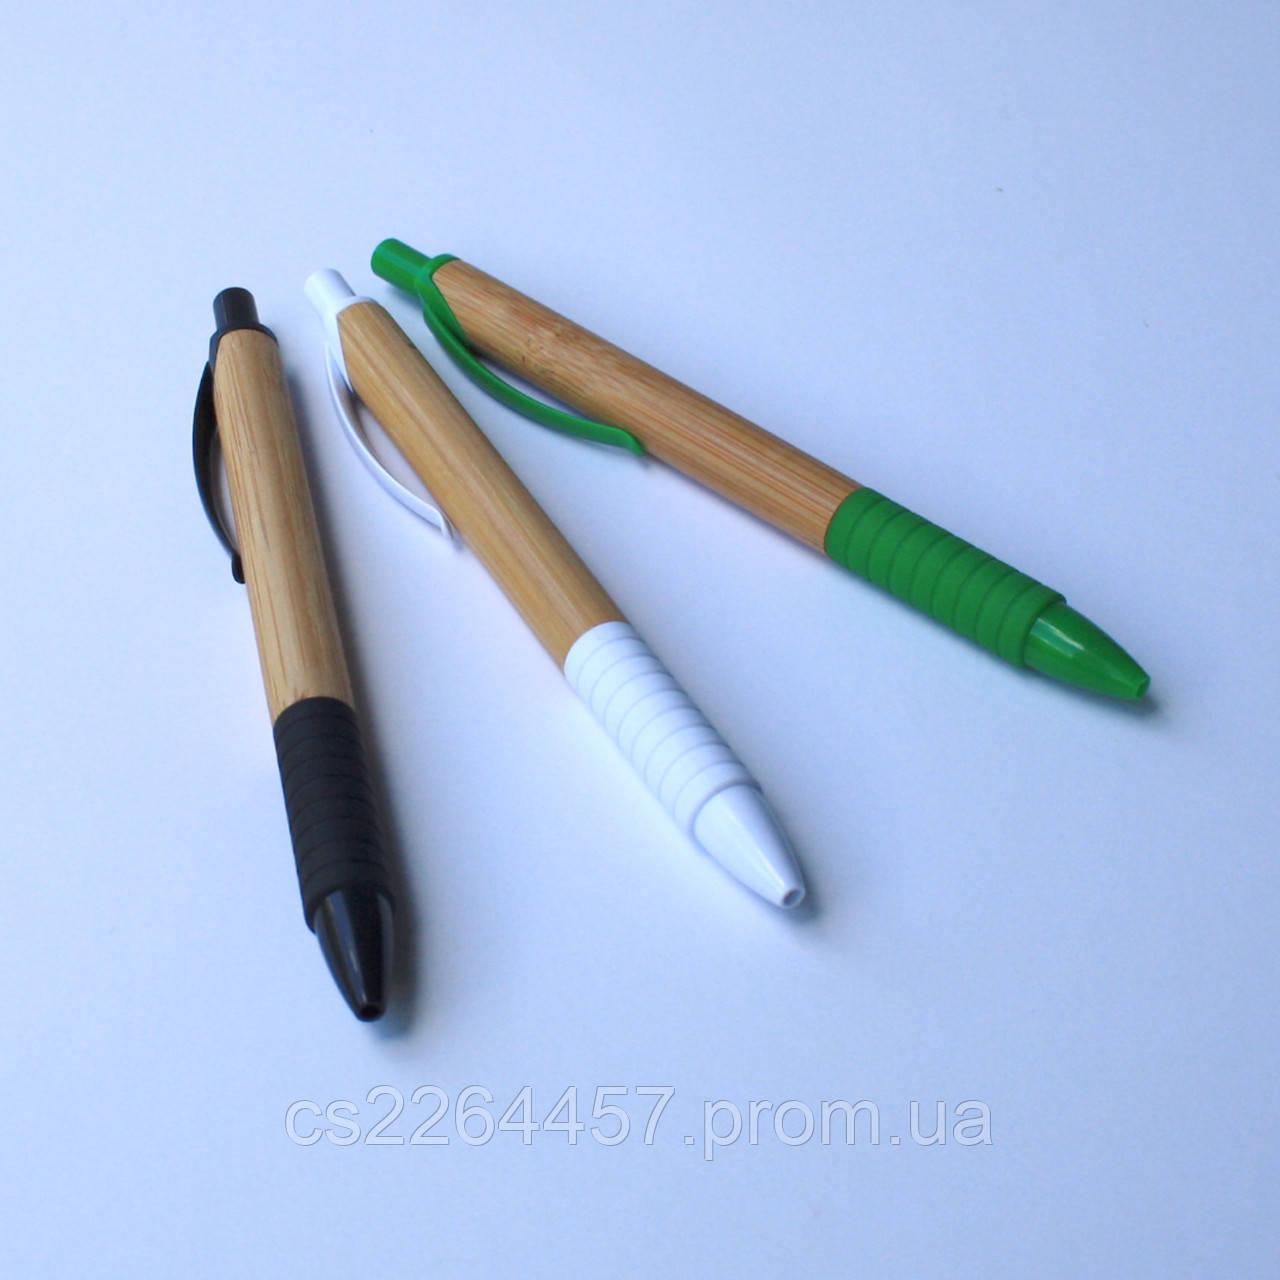 Эко ручка бамбуковая с резиновой вставкой.